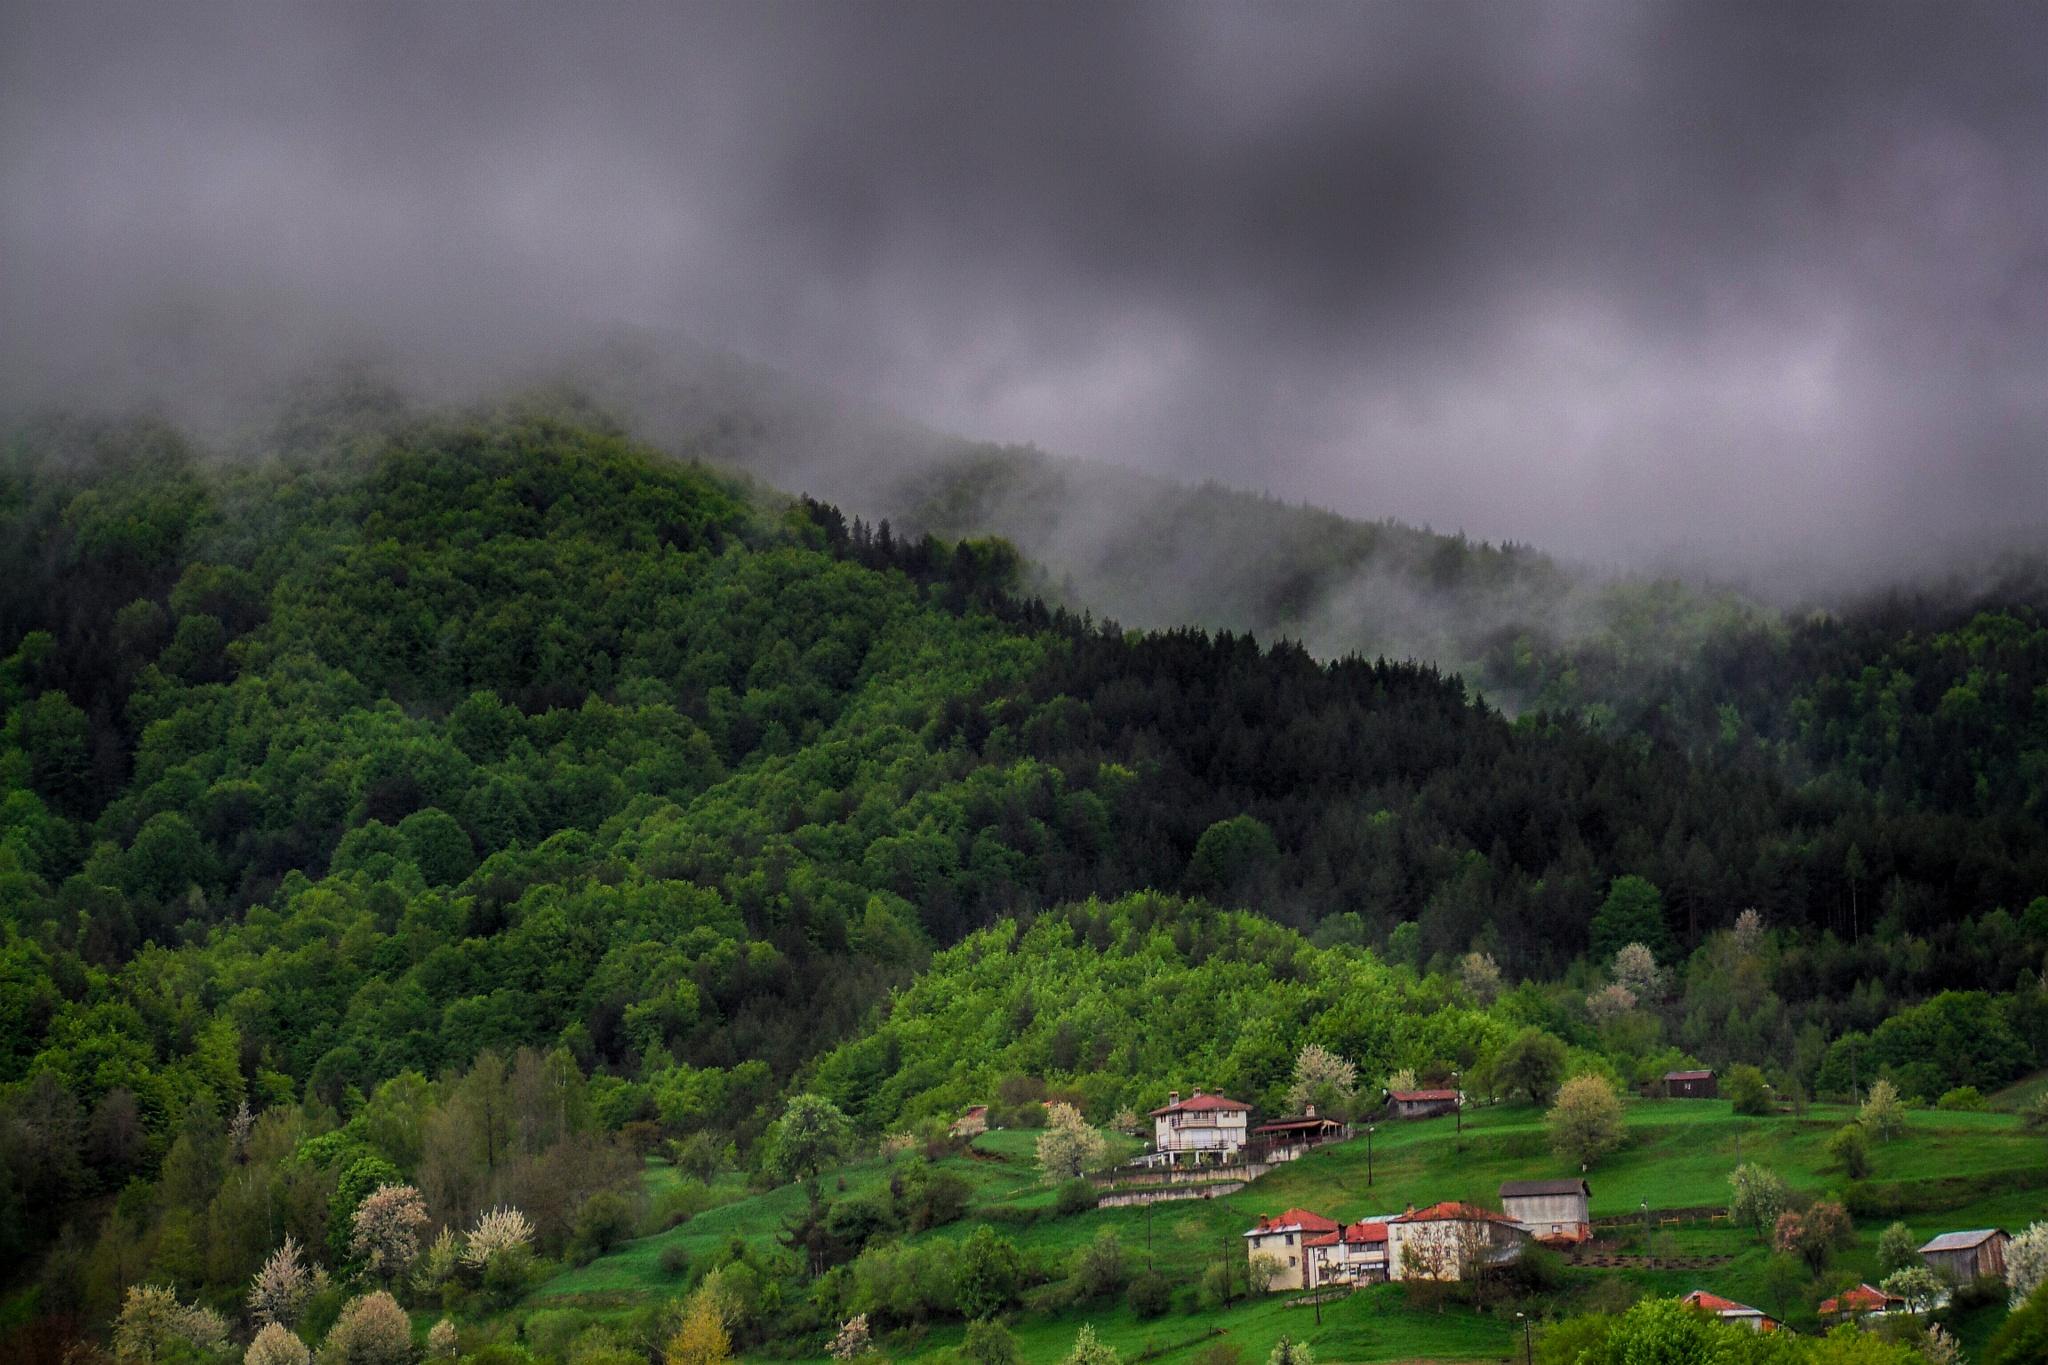 Rainy day by Denis Shukerov